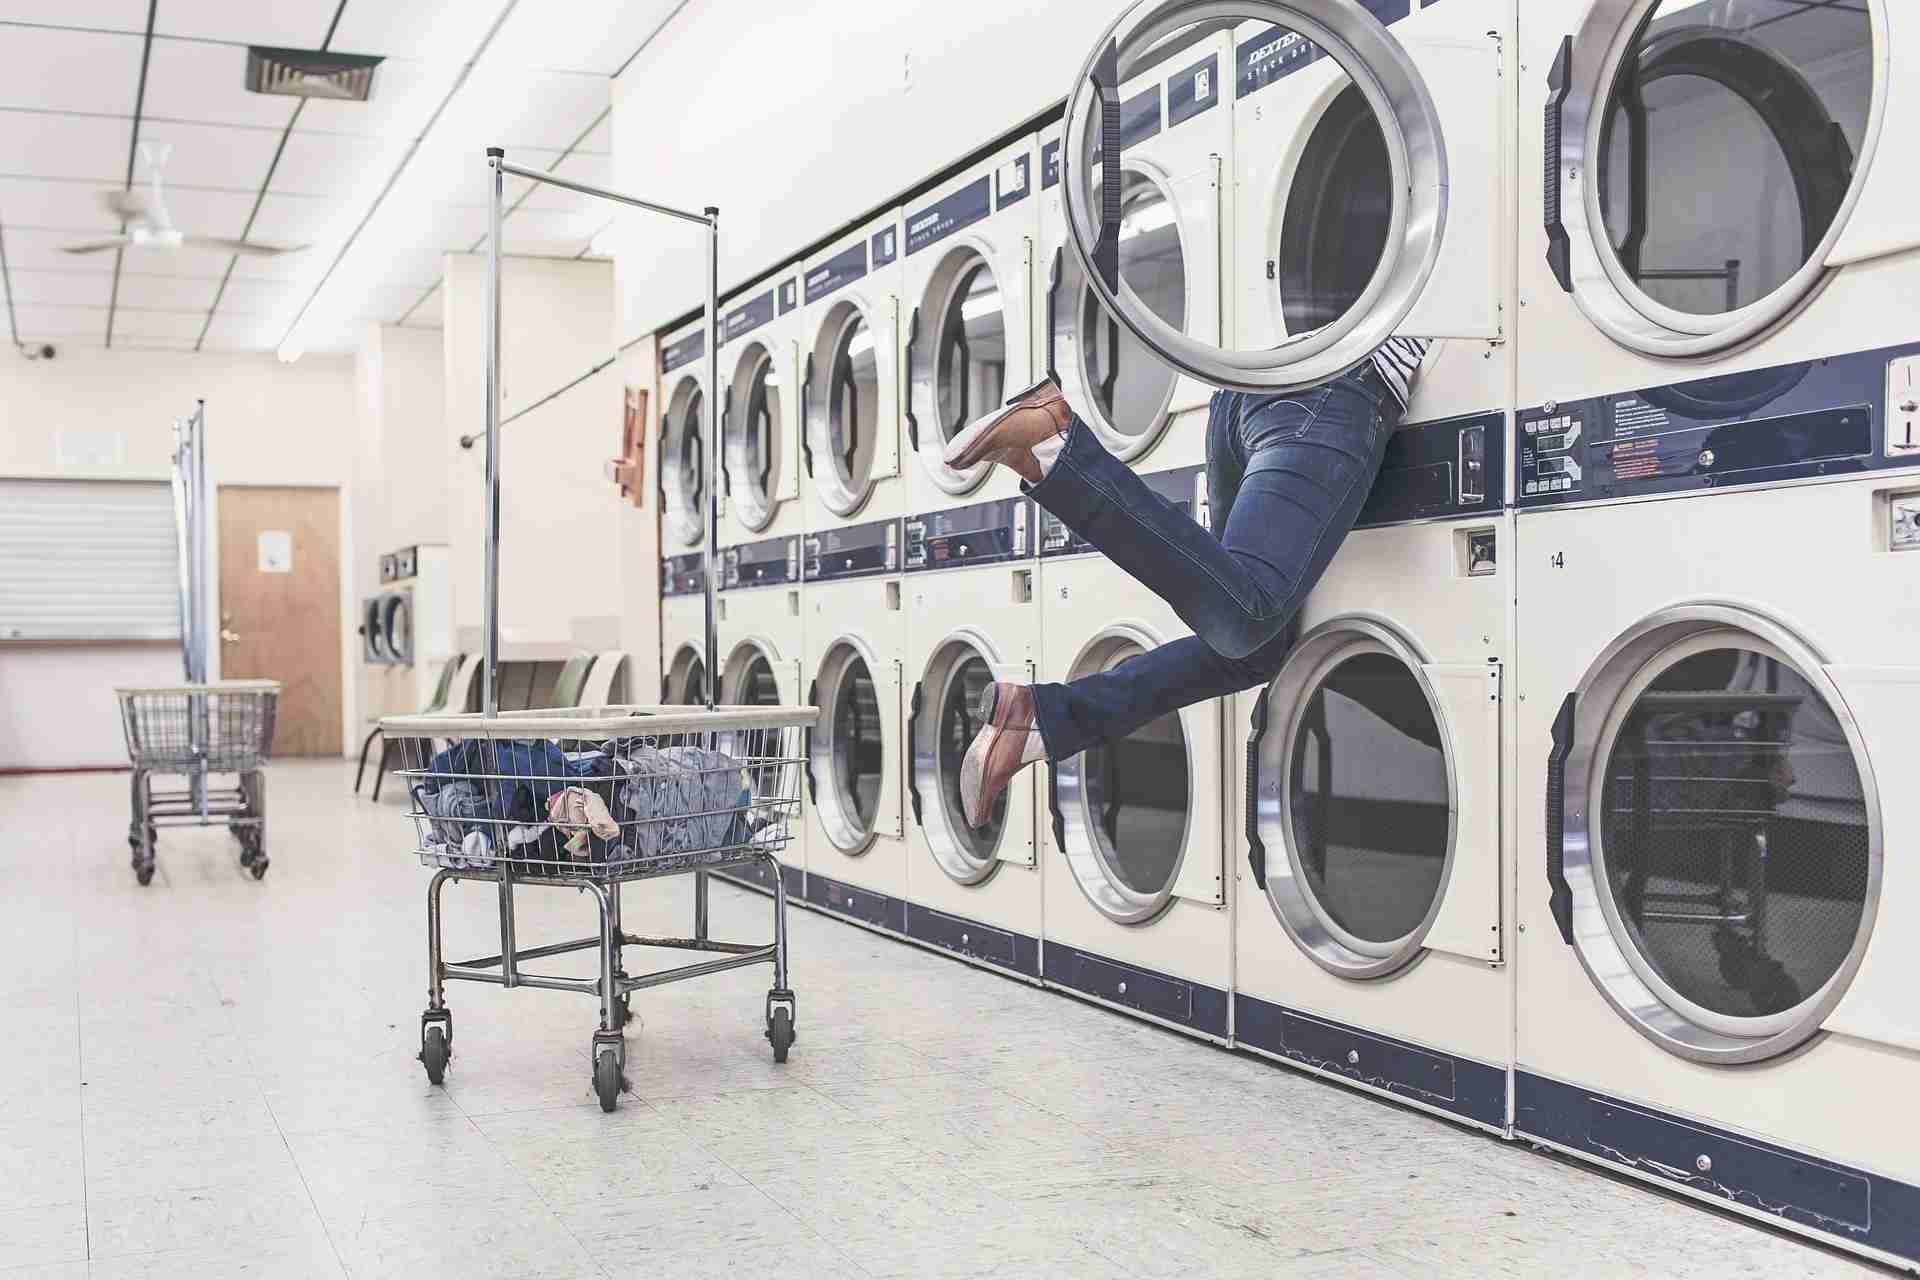 Socken Waschmaschine verschwunden